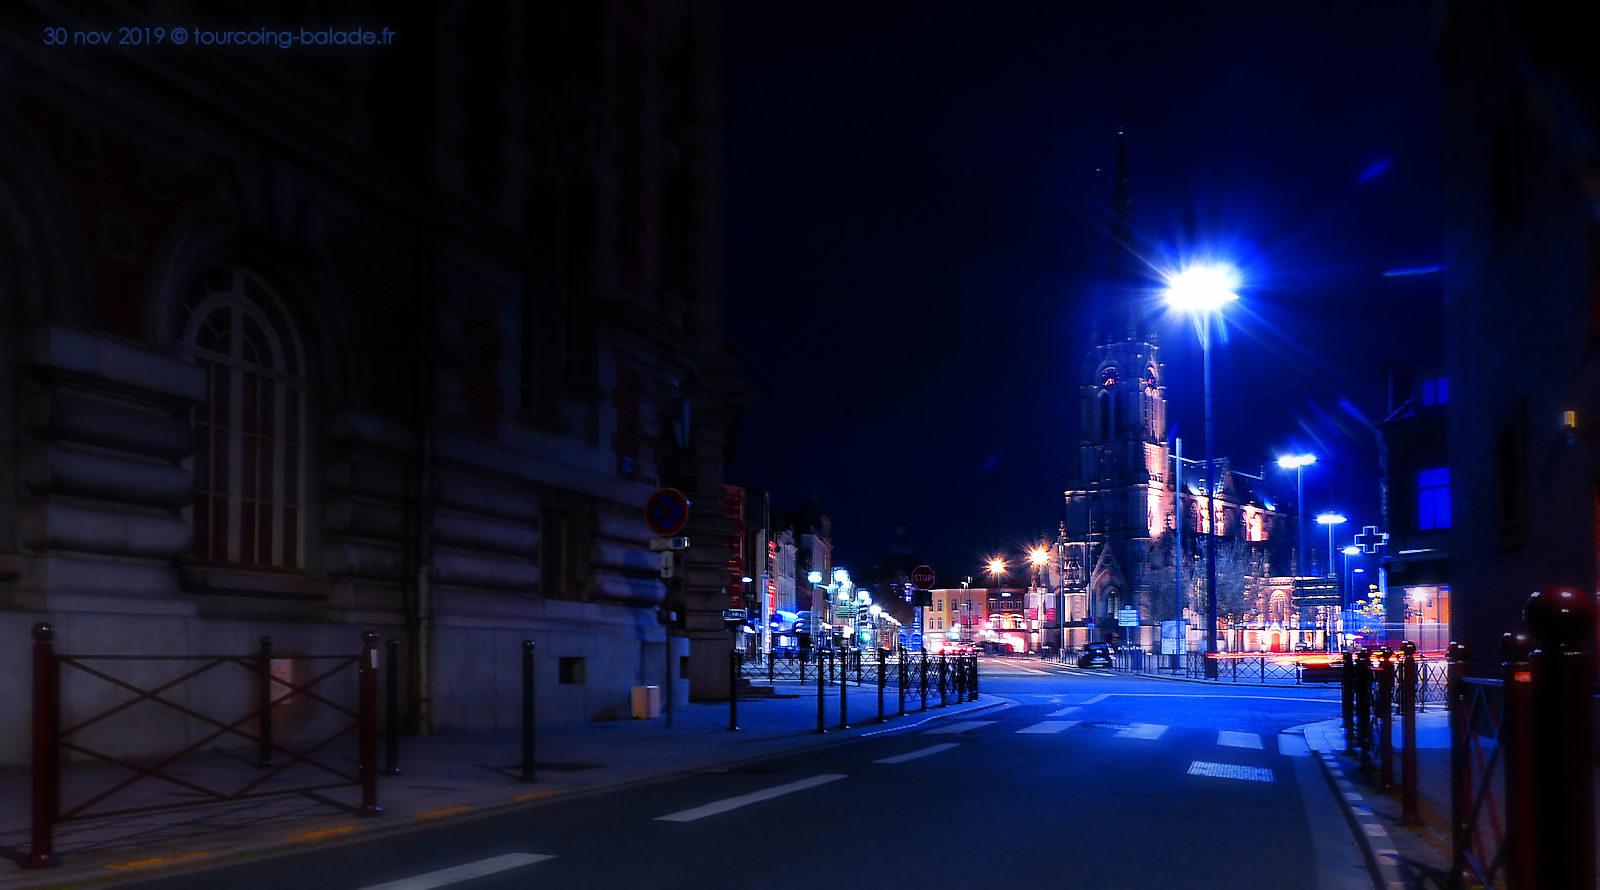 Tourcoing nuit - Rue des anges, et église St Christophe.